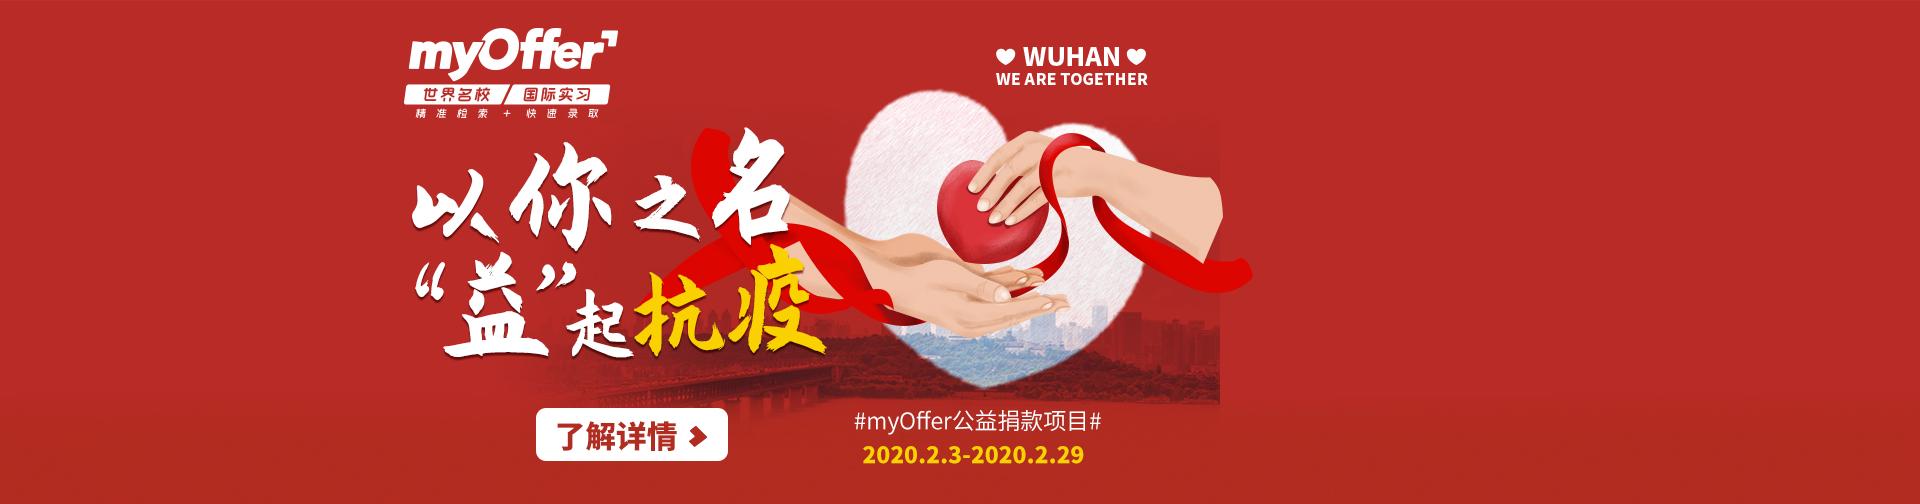 http://myoffer-public.oss-cn-shenzhen.aliyuncs.com/banners/b254ed18e848cf1d25fd2e83180a03f8-358618-1920x504.jpg